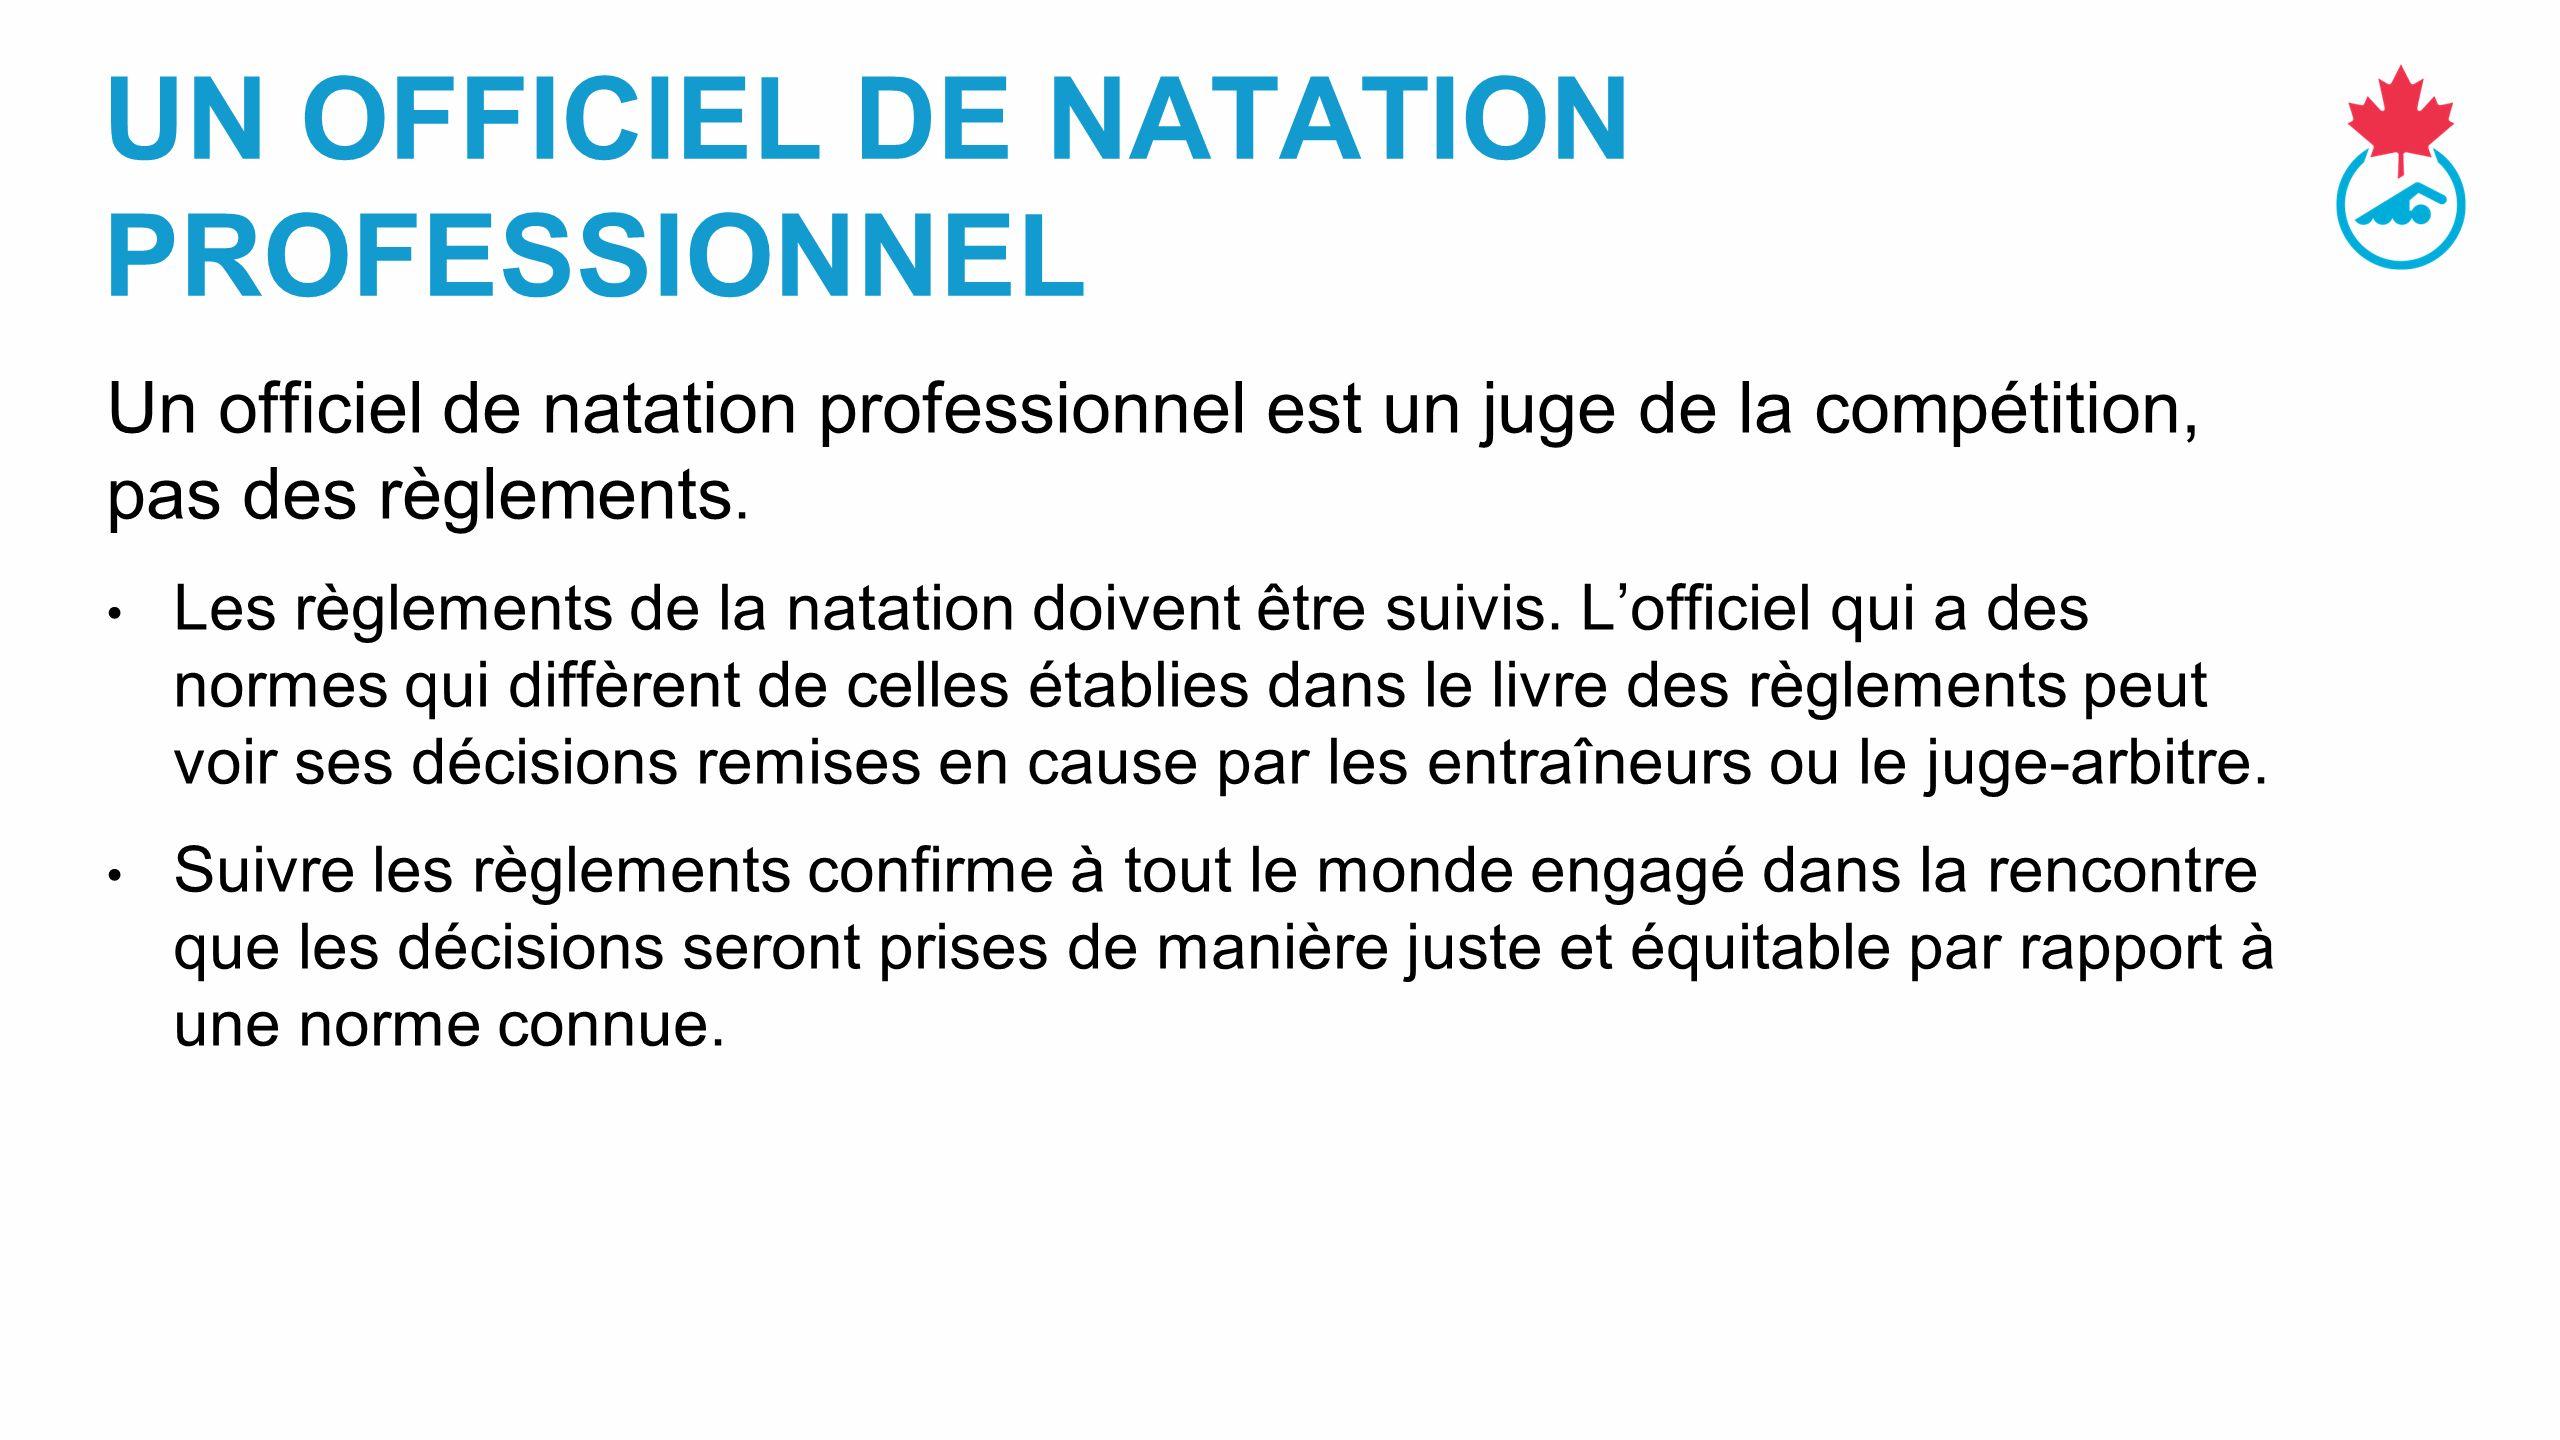 UN OFFICIEL DE NATATION PROFESSIONNEL Un officiel de natation professionnel est un juge de la compétition, pas des règlements.